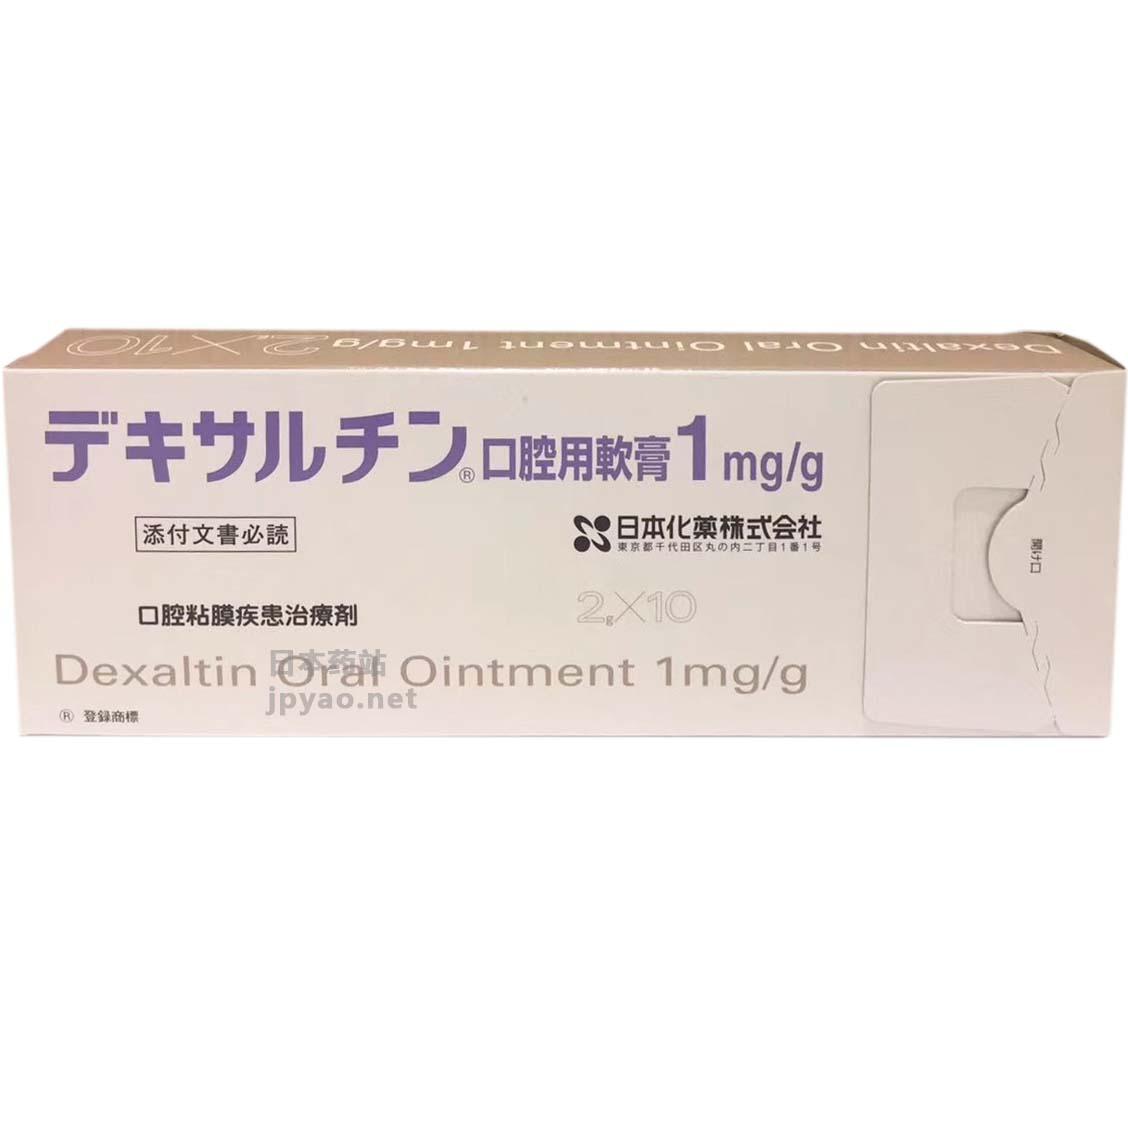 口腔 用 軟膏 デキサメタゾン